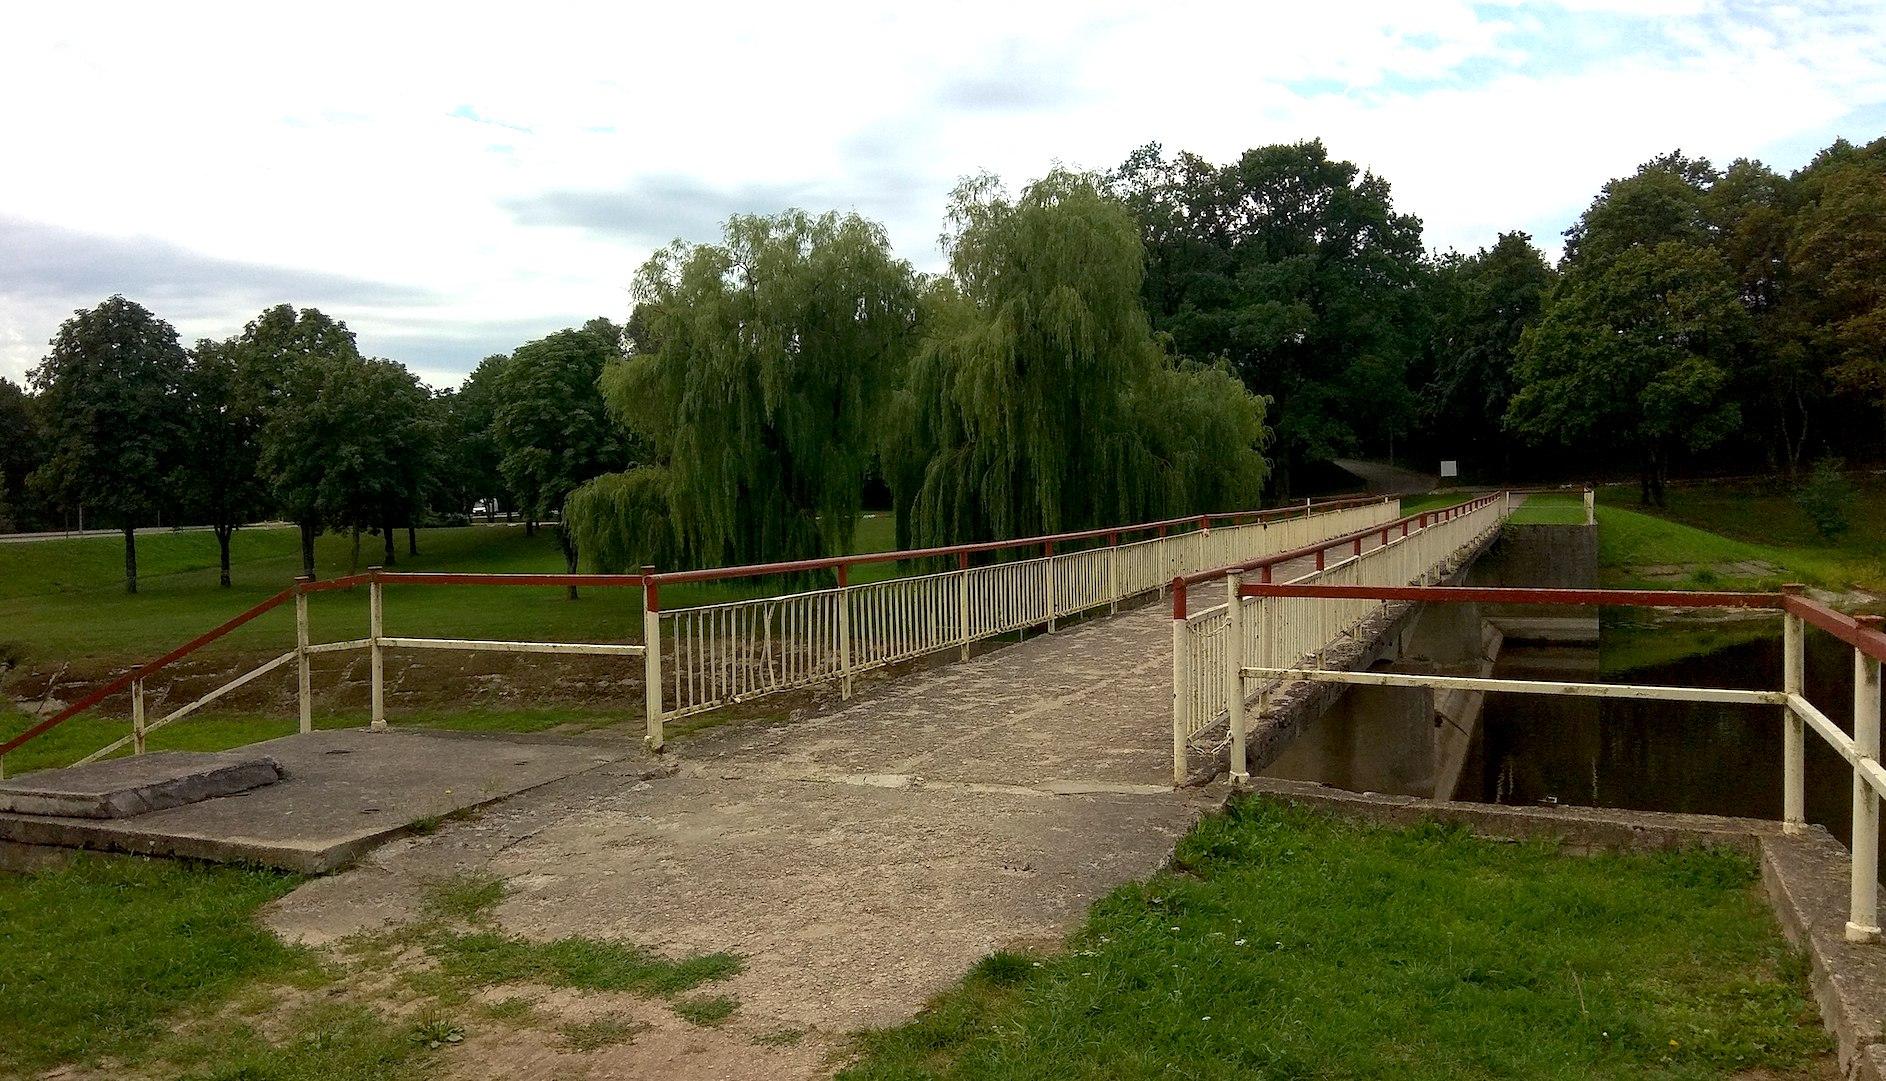 Įgyvendinus projektą bus atnaujintas ir tiltas per Dotnuvėlės užtvanką. Šiuo metu tiltas yra prastos būklės./ Dimitrijaus Kuprijanovo nuotr.